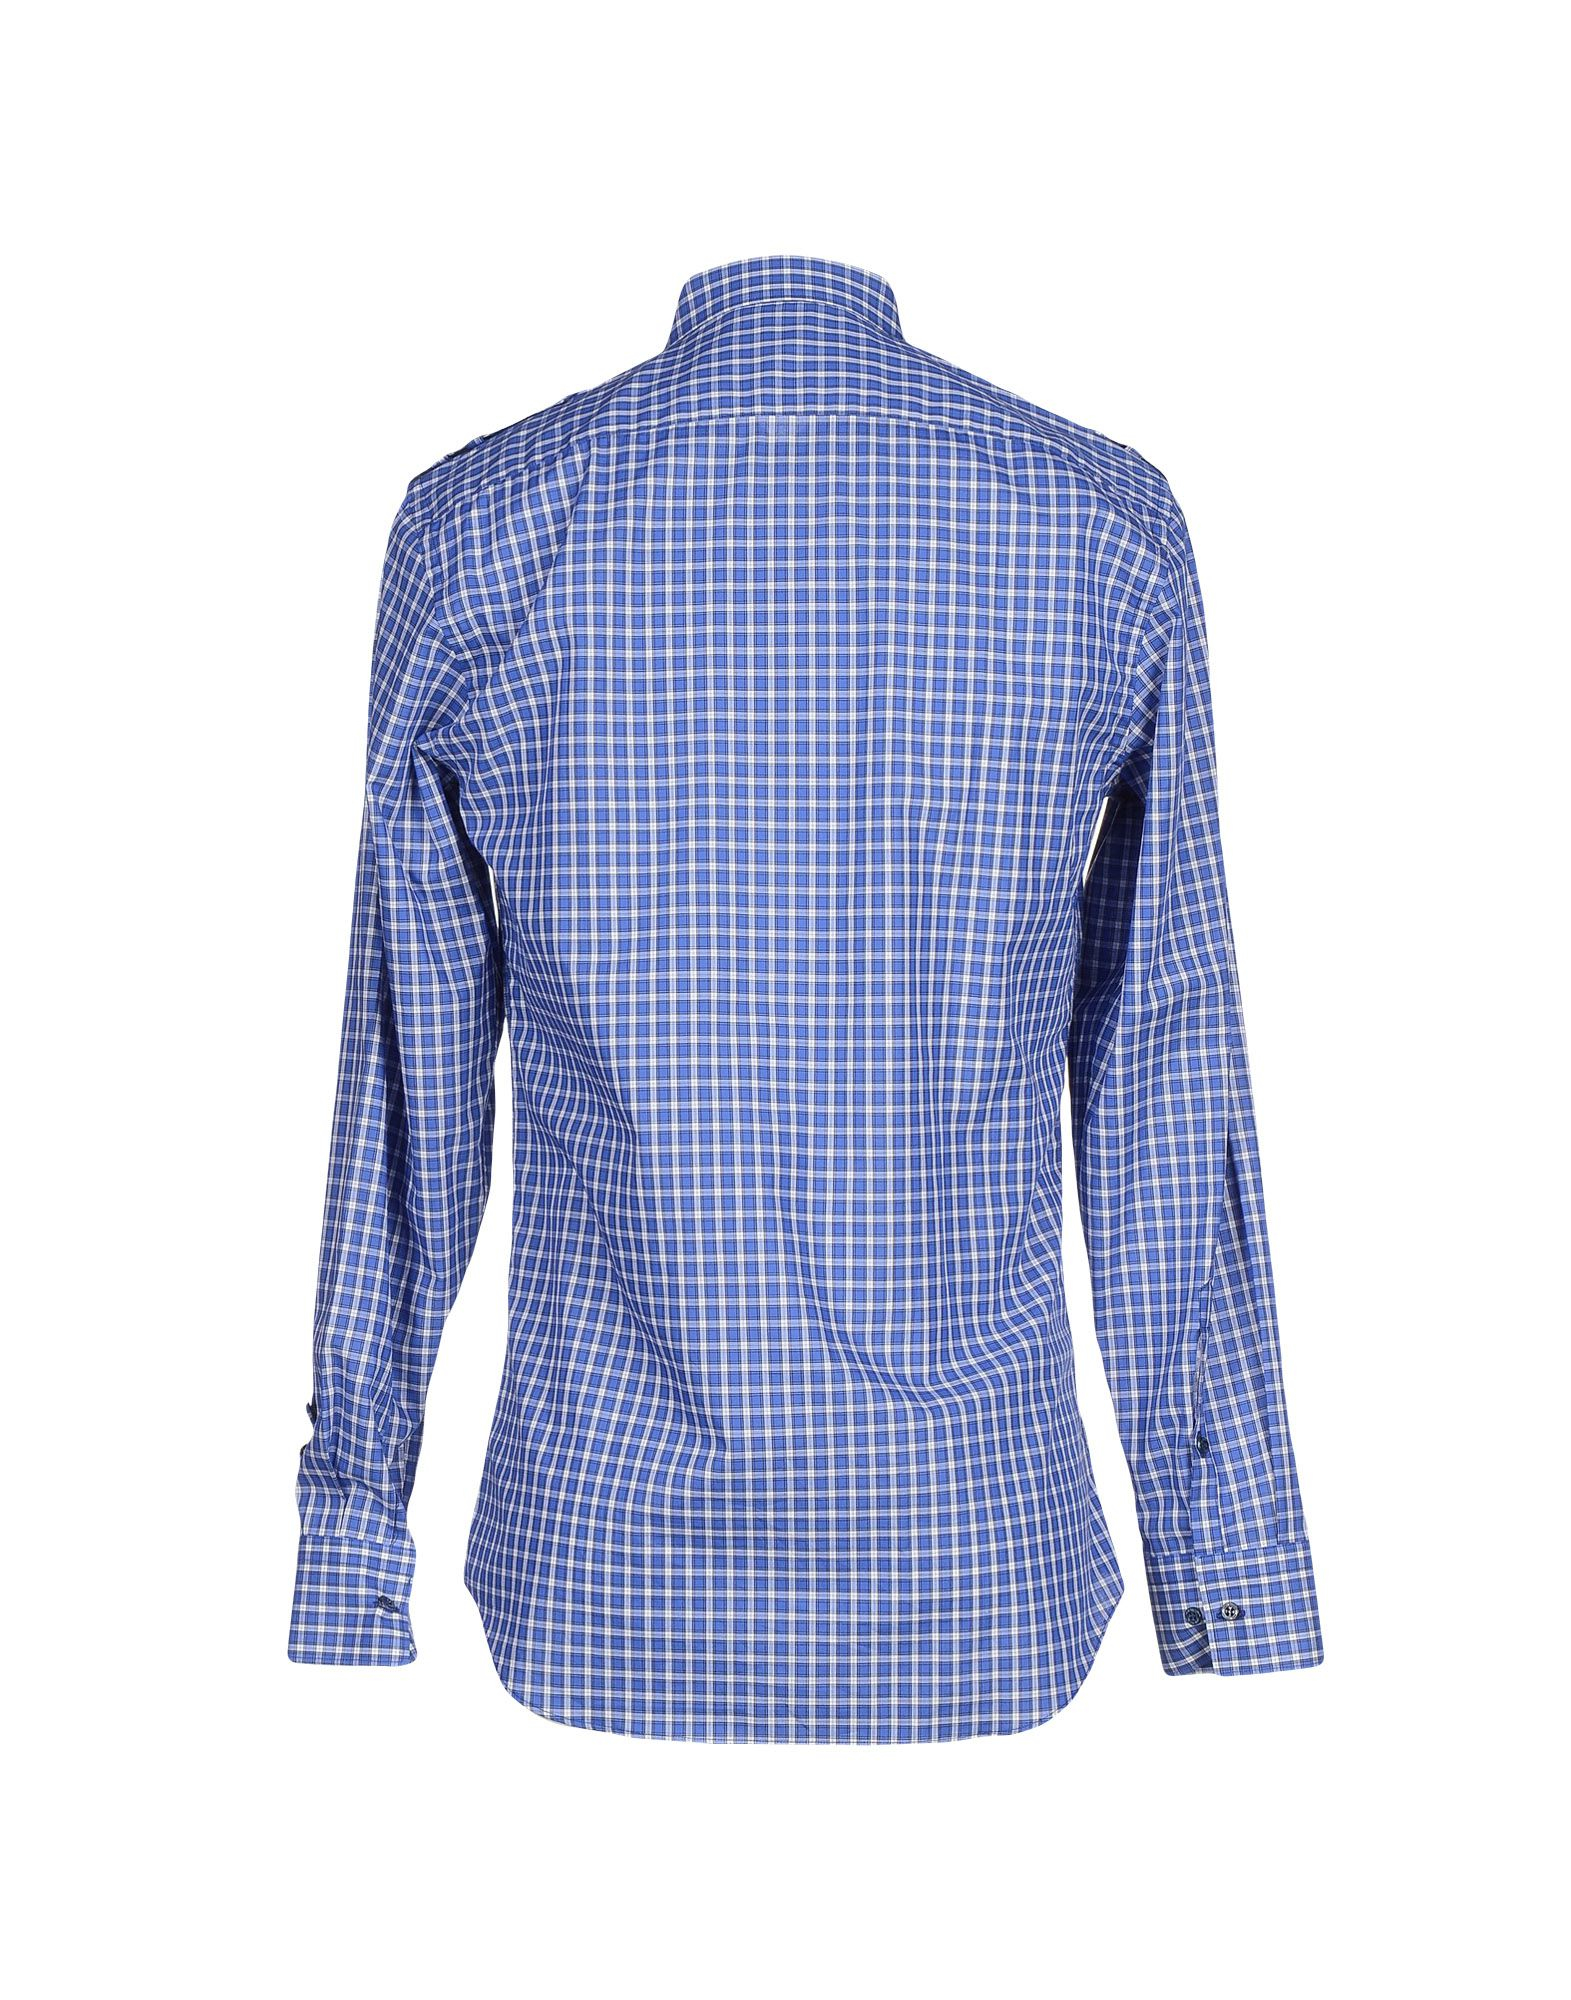 Lyst neil barrett shirt in blue for men for Neil barrett tuxedo shirt